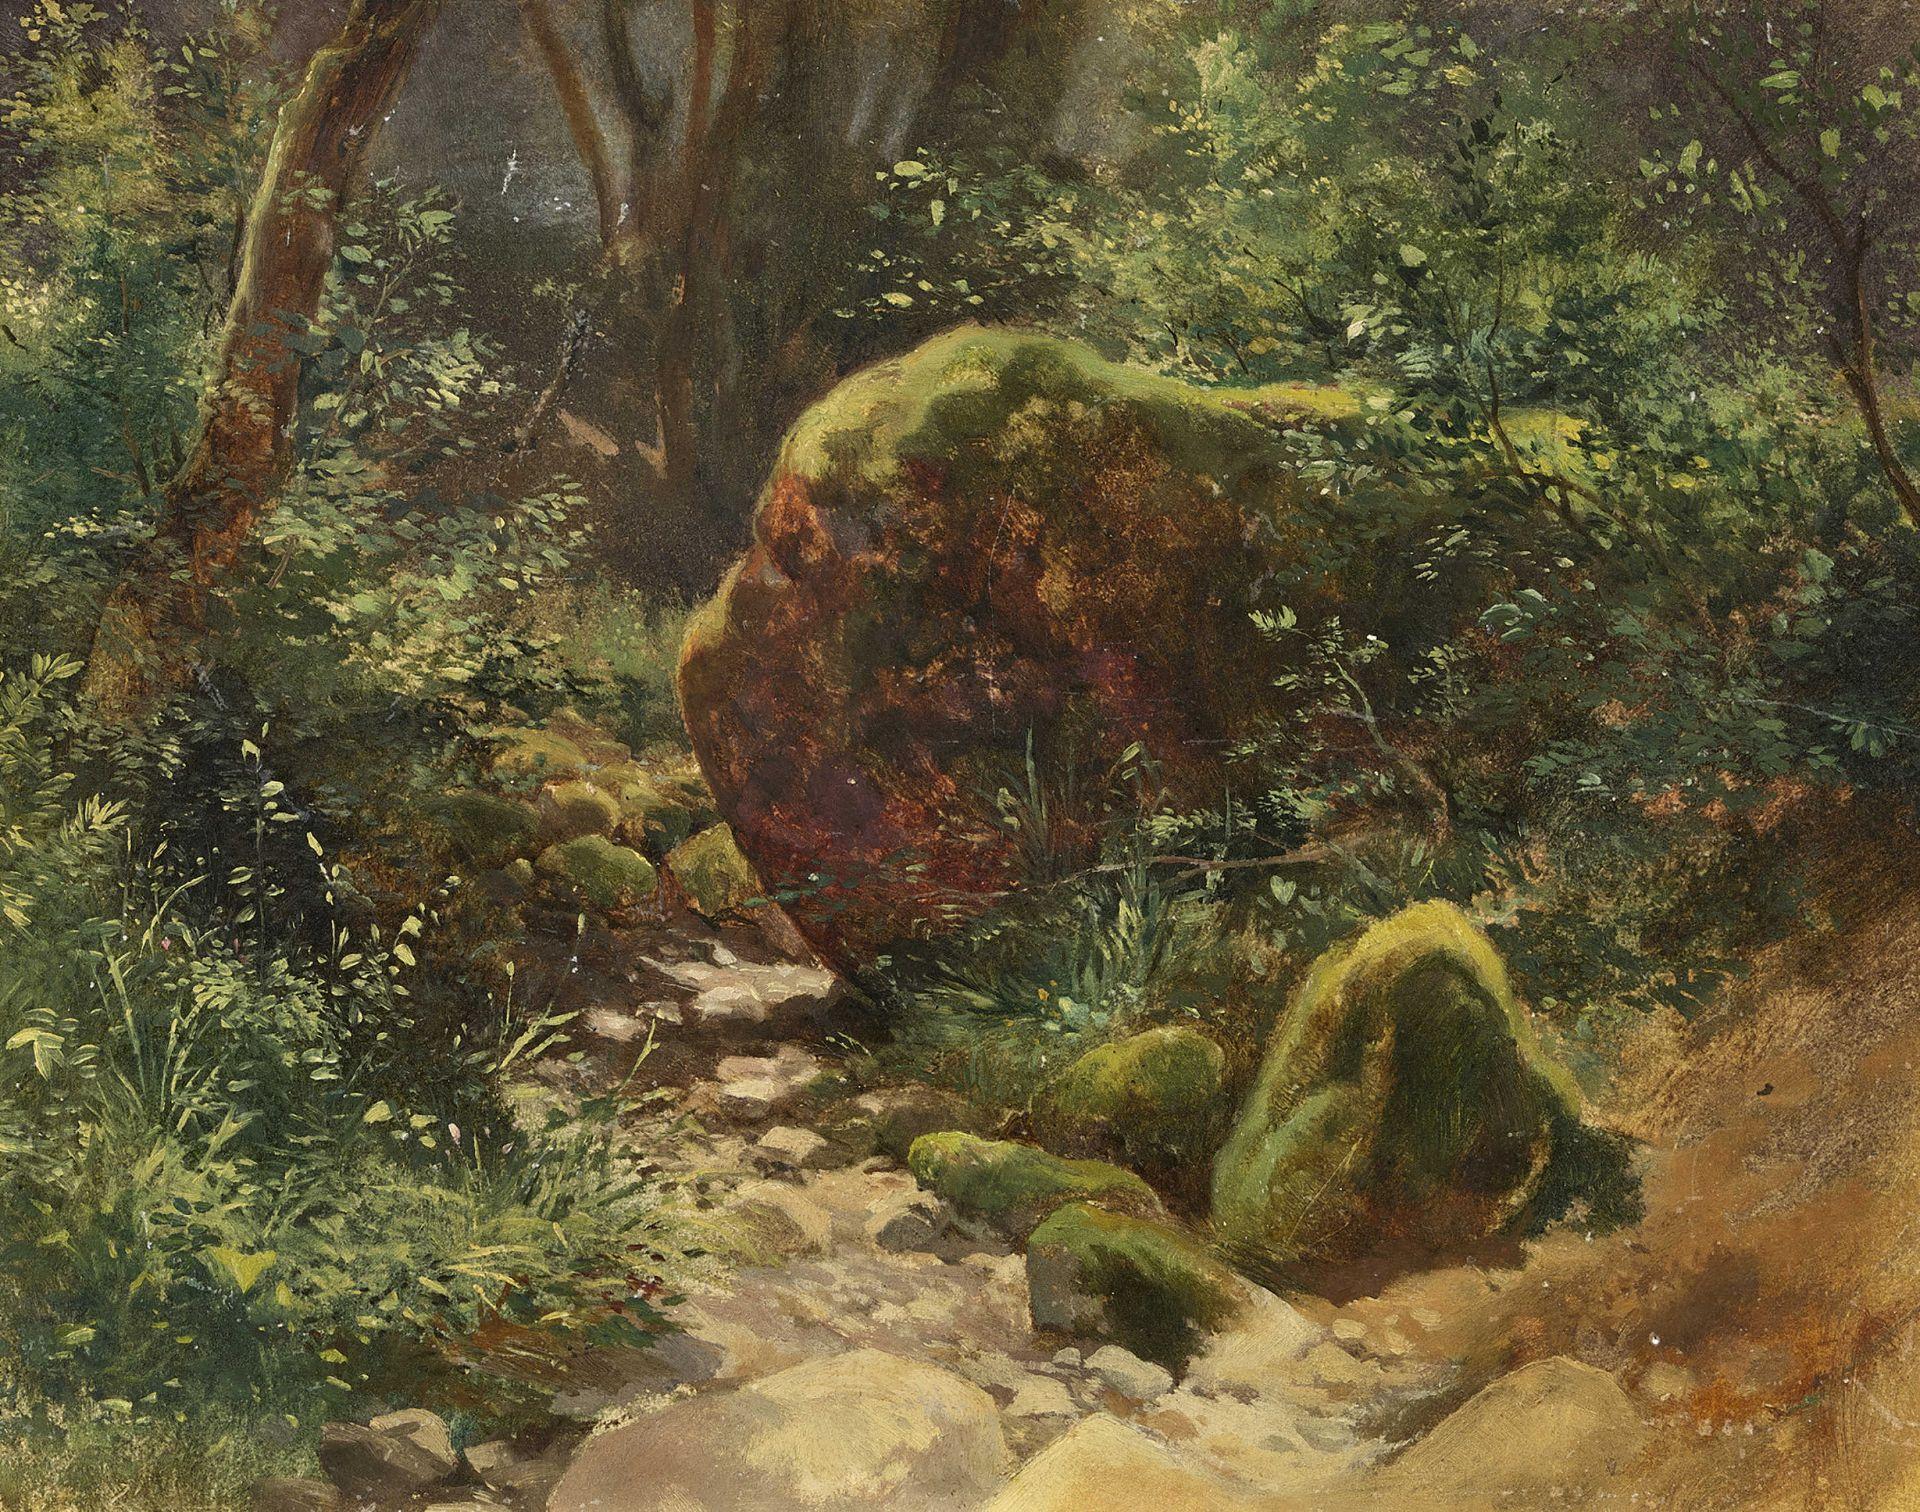 CALAME, ALEXANDRE: Rochers dans un bois.